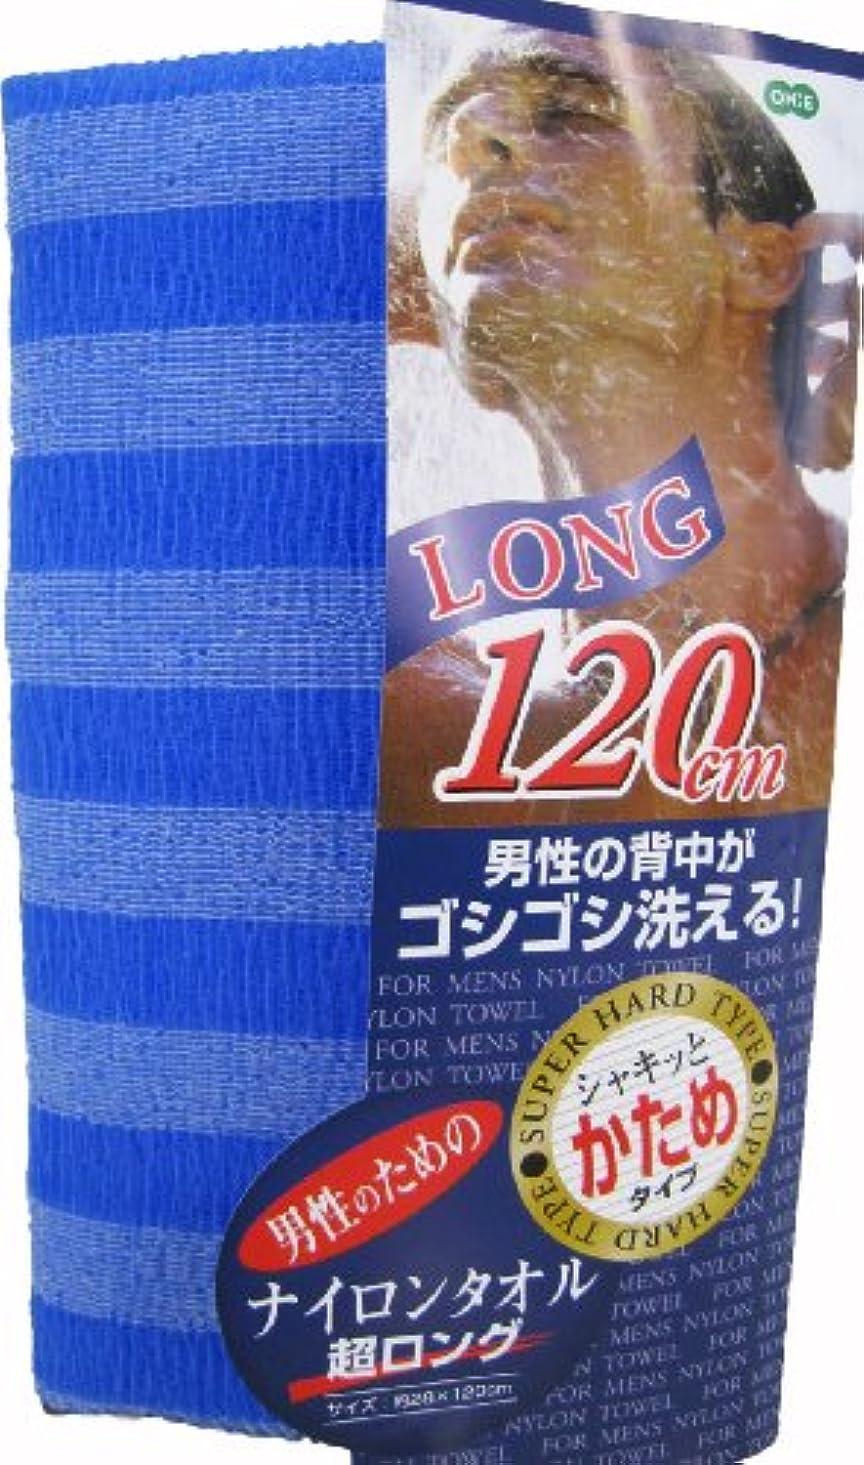 ペダル銃企業オーエ ナイロンタオル 超ロング かため ブルー 120cm 男性の背中がゴシゴシ洗える